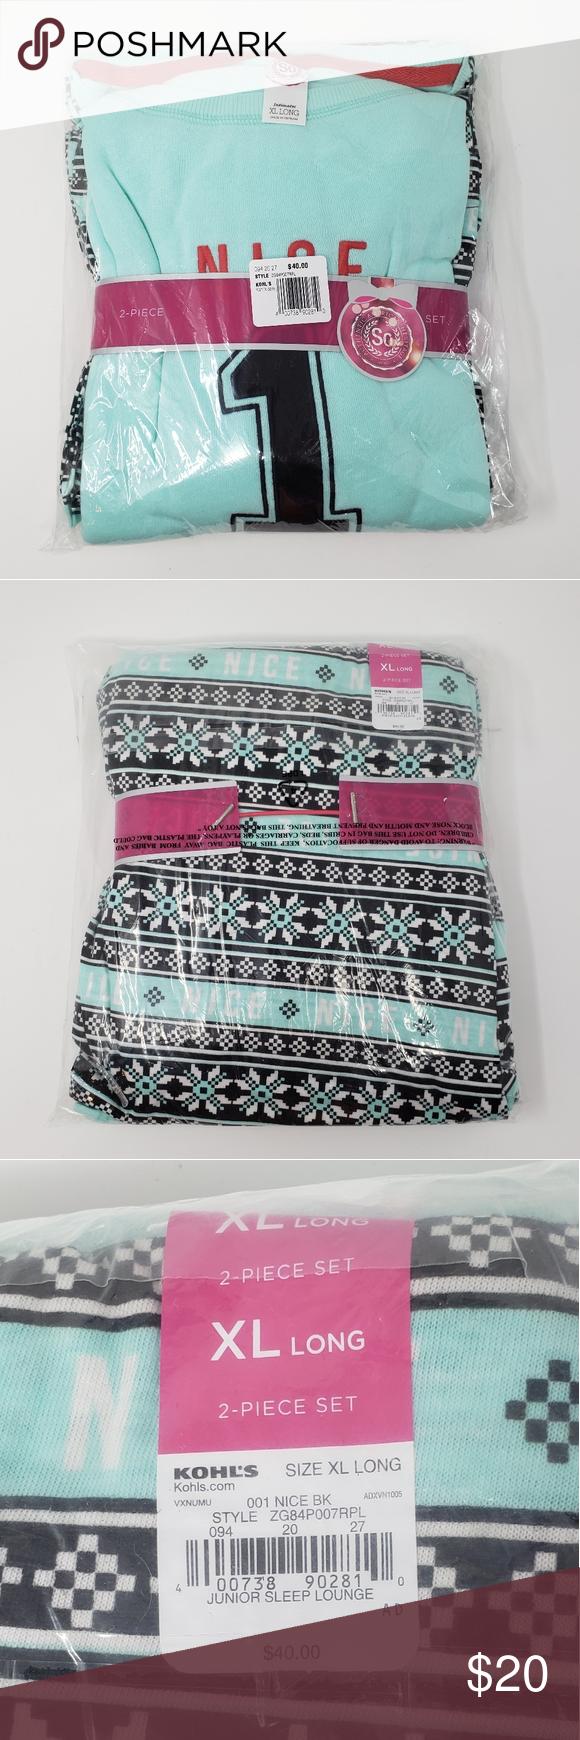 Winter Pajama Set Jr Size XL Long